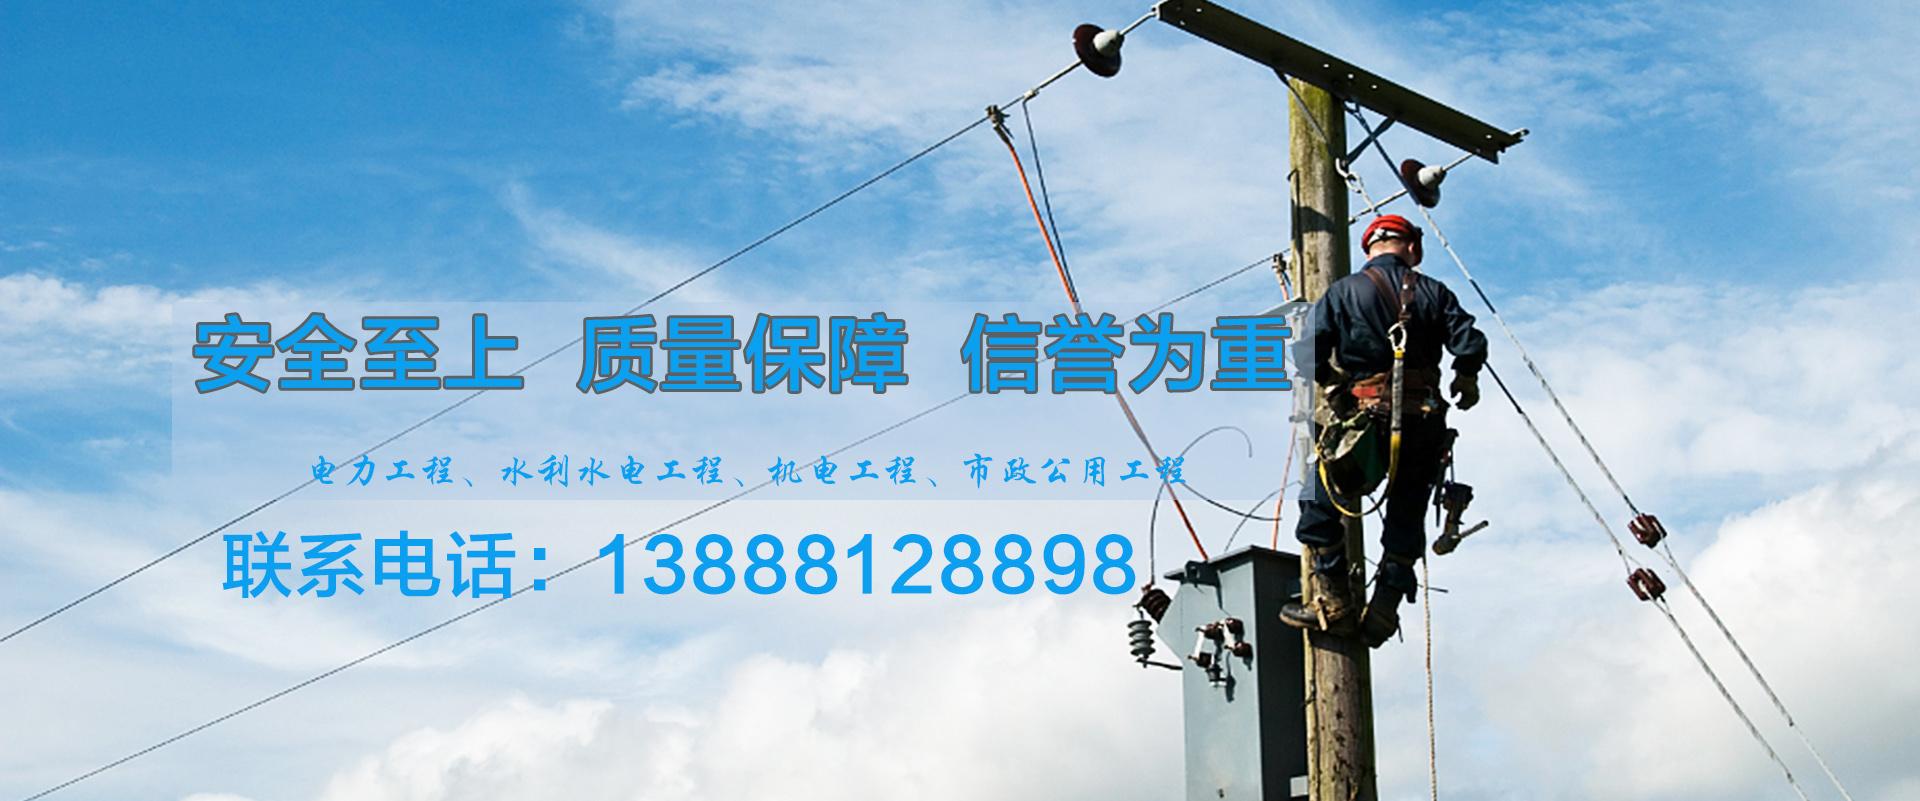 电力维修改造